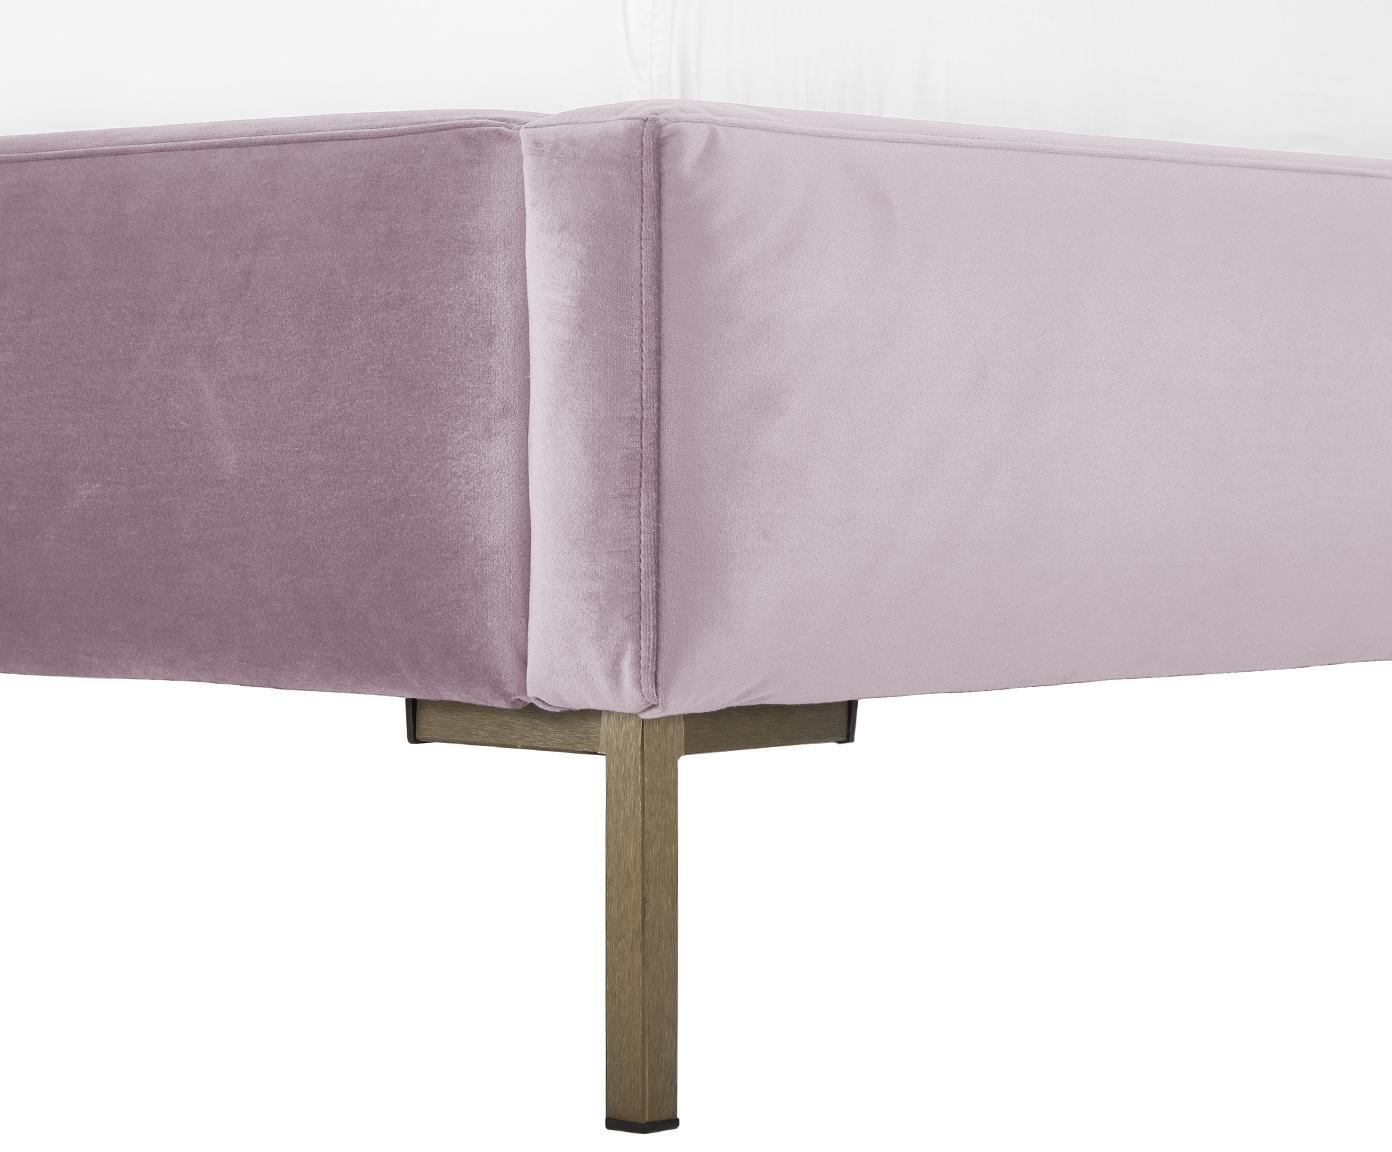 Łóżko tapicerowane z aksamitu Peace, Korpus: lite drewno sosnowe, Nogi: metal malowany proszkowo, Tapicerka: aksamit poliestrowy 3500, Mauve, 180 x 200 cm